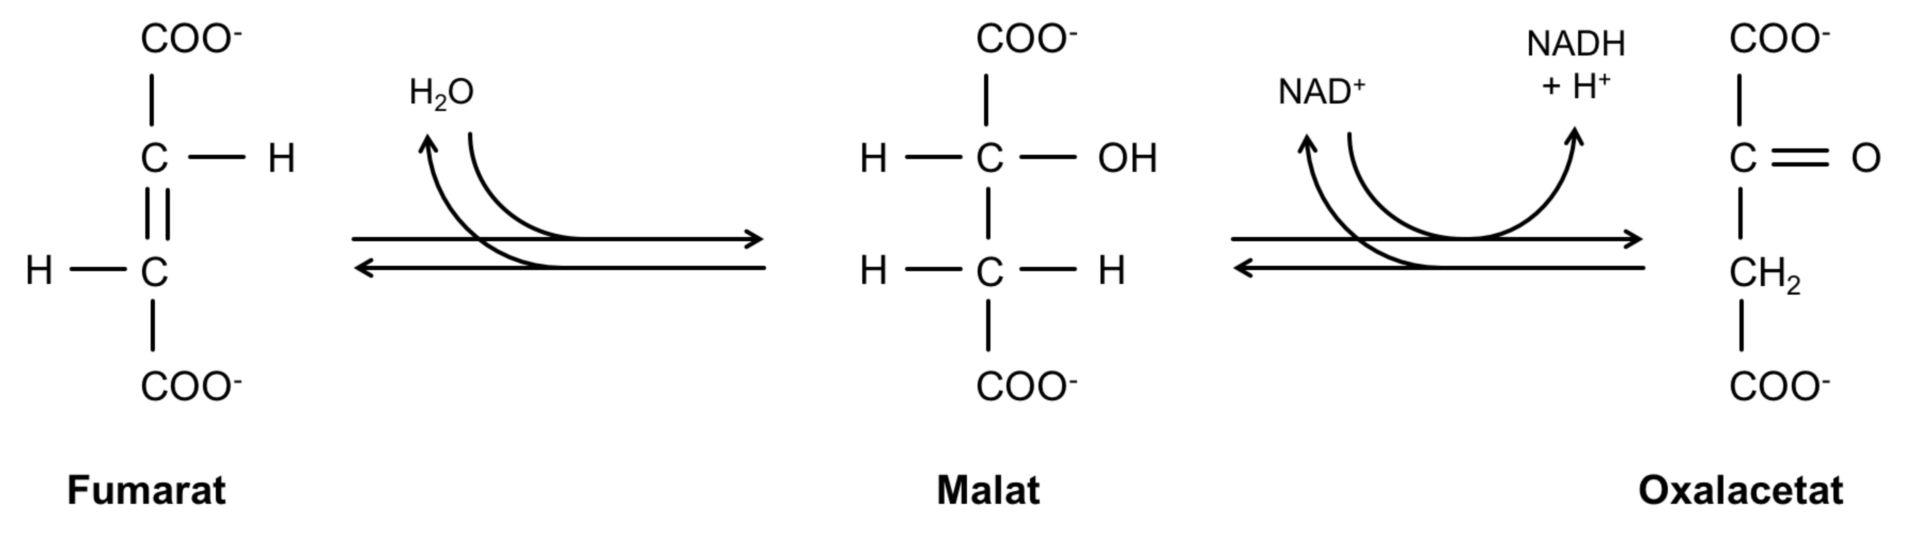 Reacción de fumarato via malato a oxalacetato